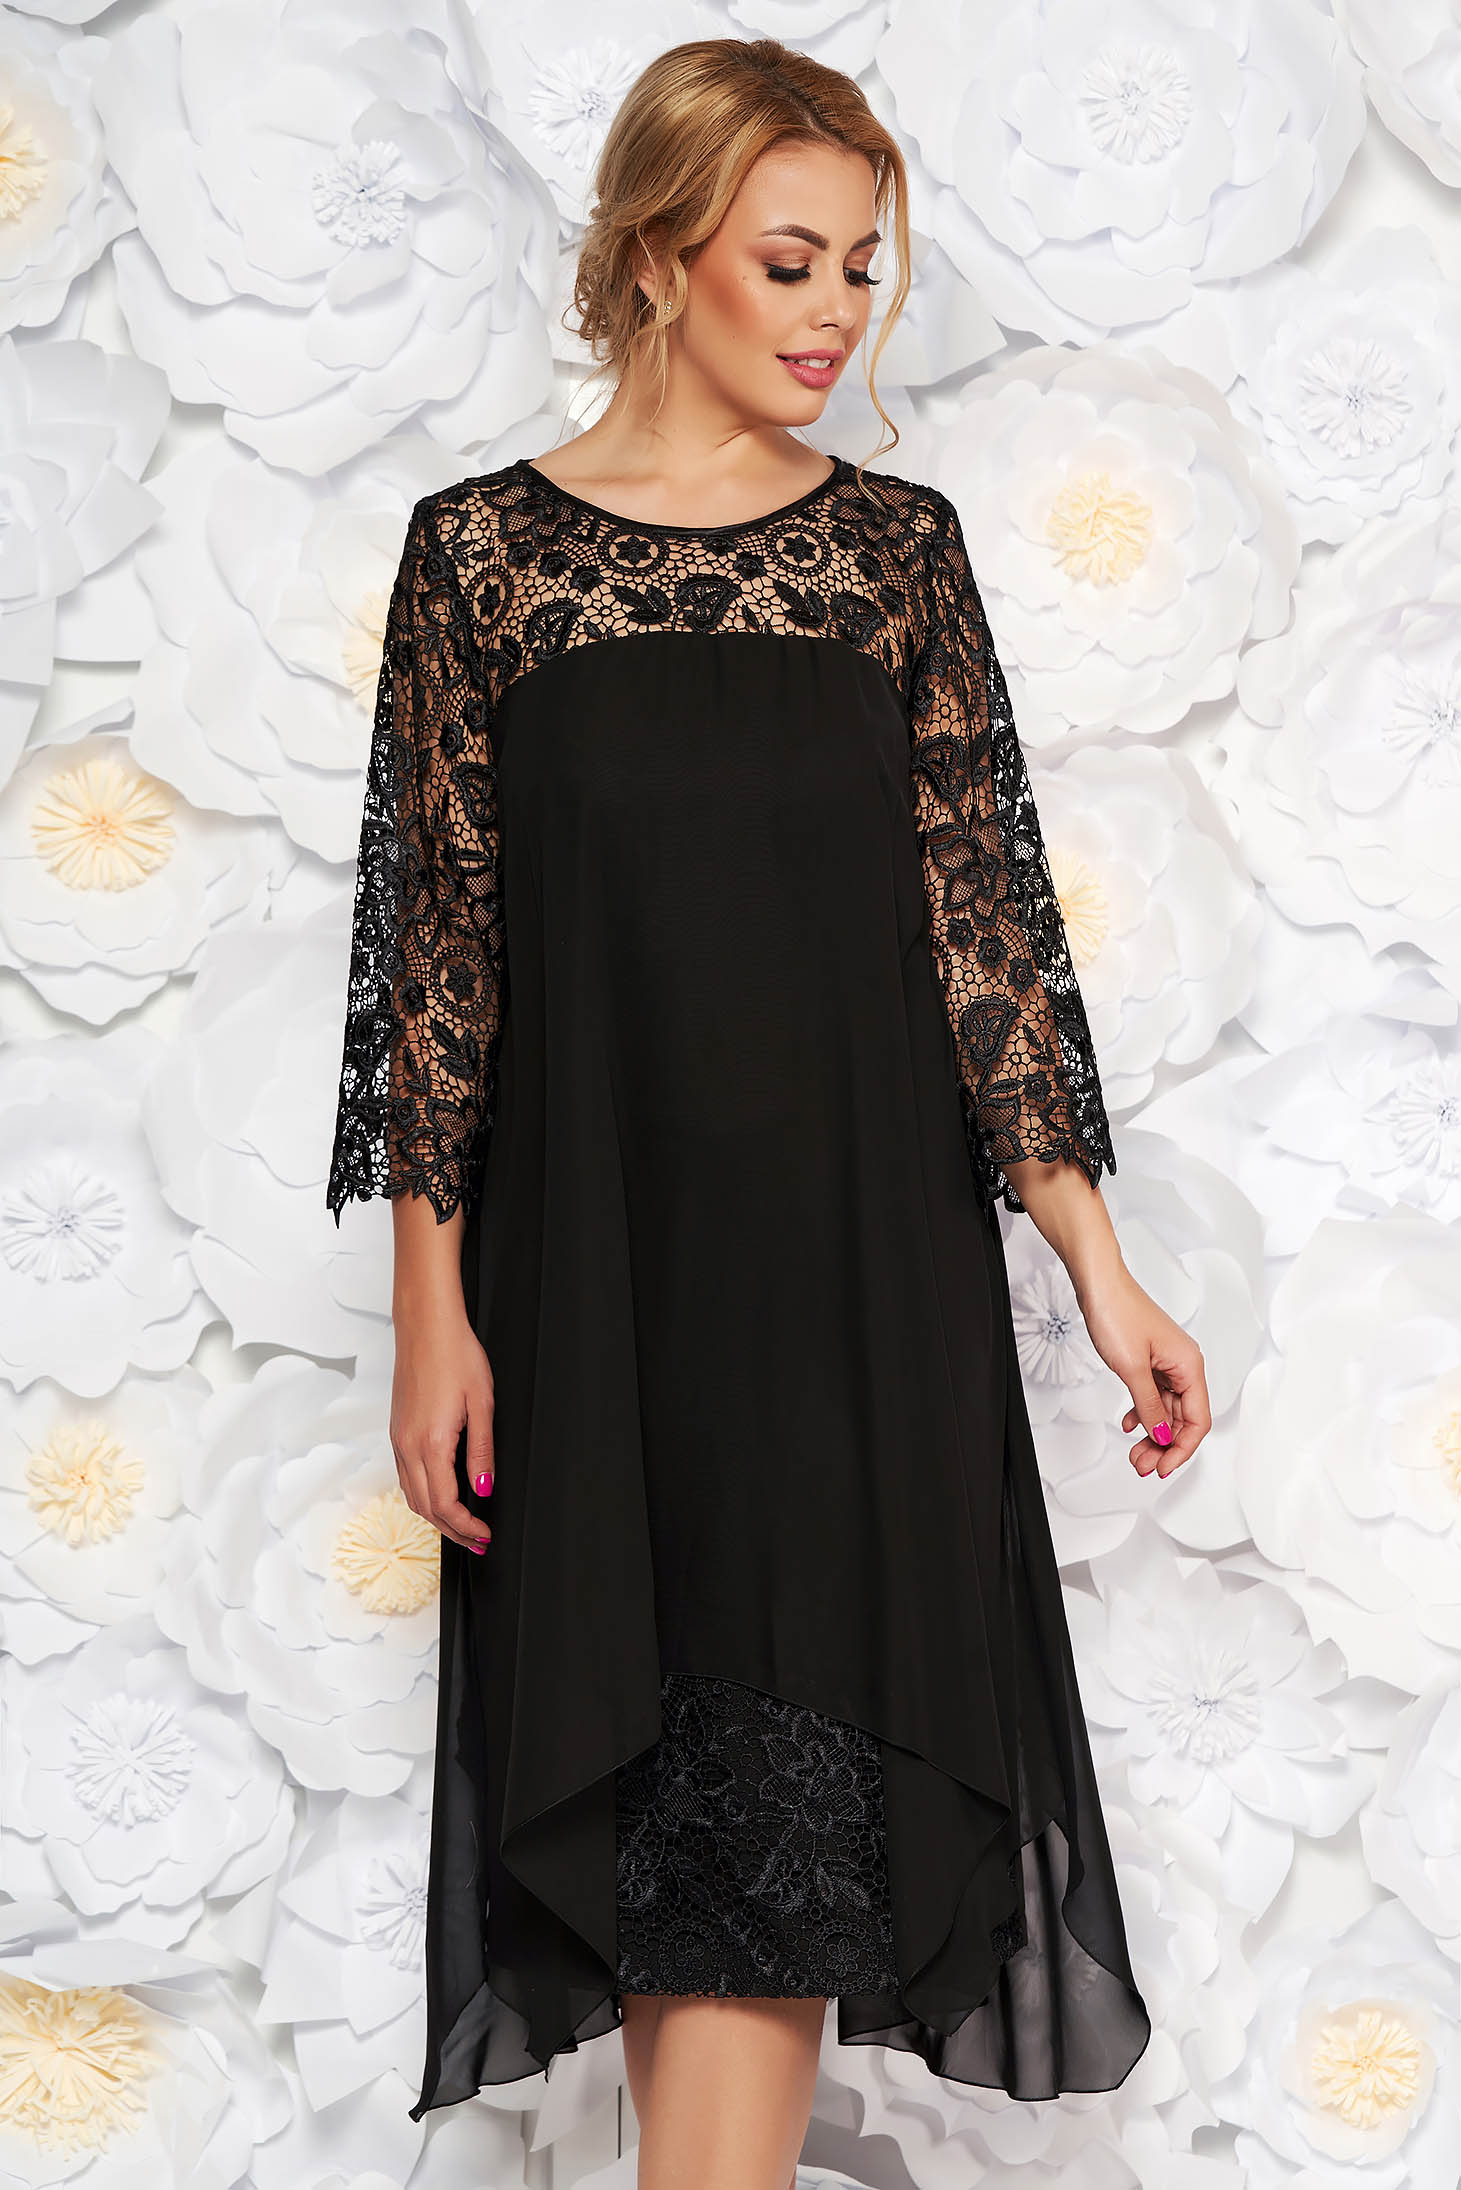 f50696b72d Fekete alkalmi egyenes ruha csipke ujj enyhén elasztikus szövet és fátyol